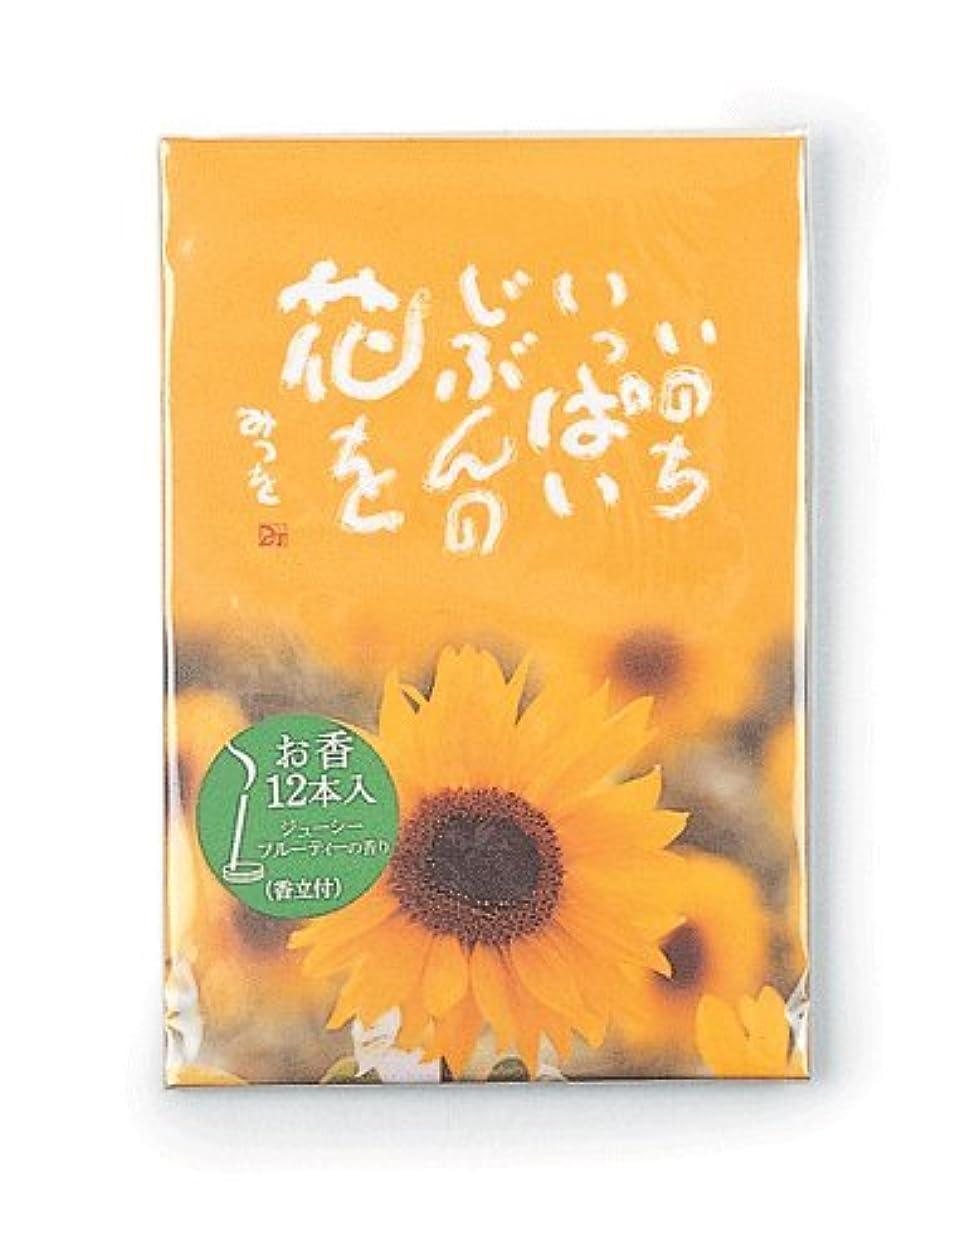 キャリッジ圧縮されたクラシカル相田みつをのお香 ジューシーフルーティー スティック12本入 【お香】